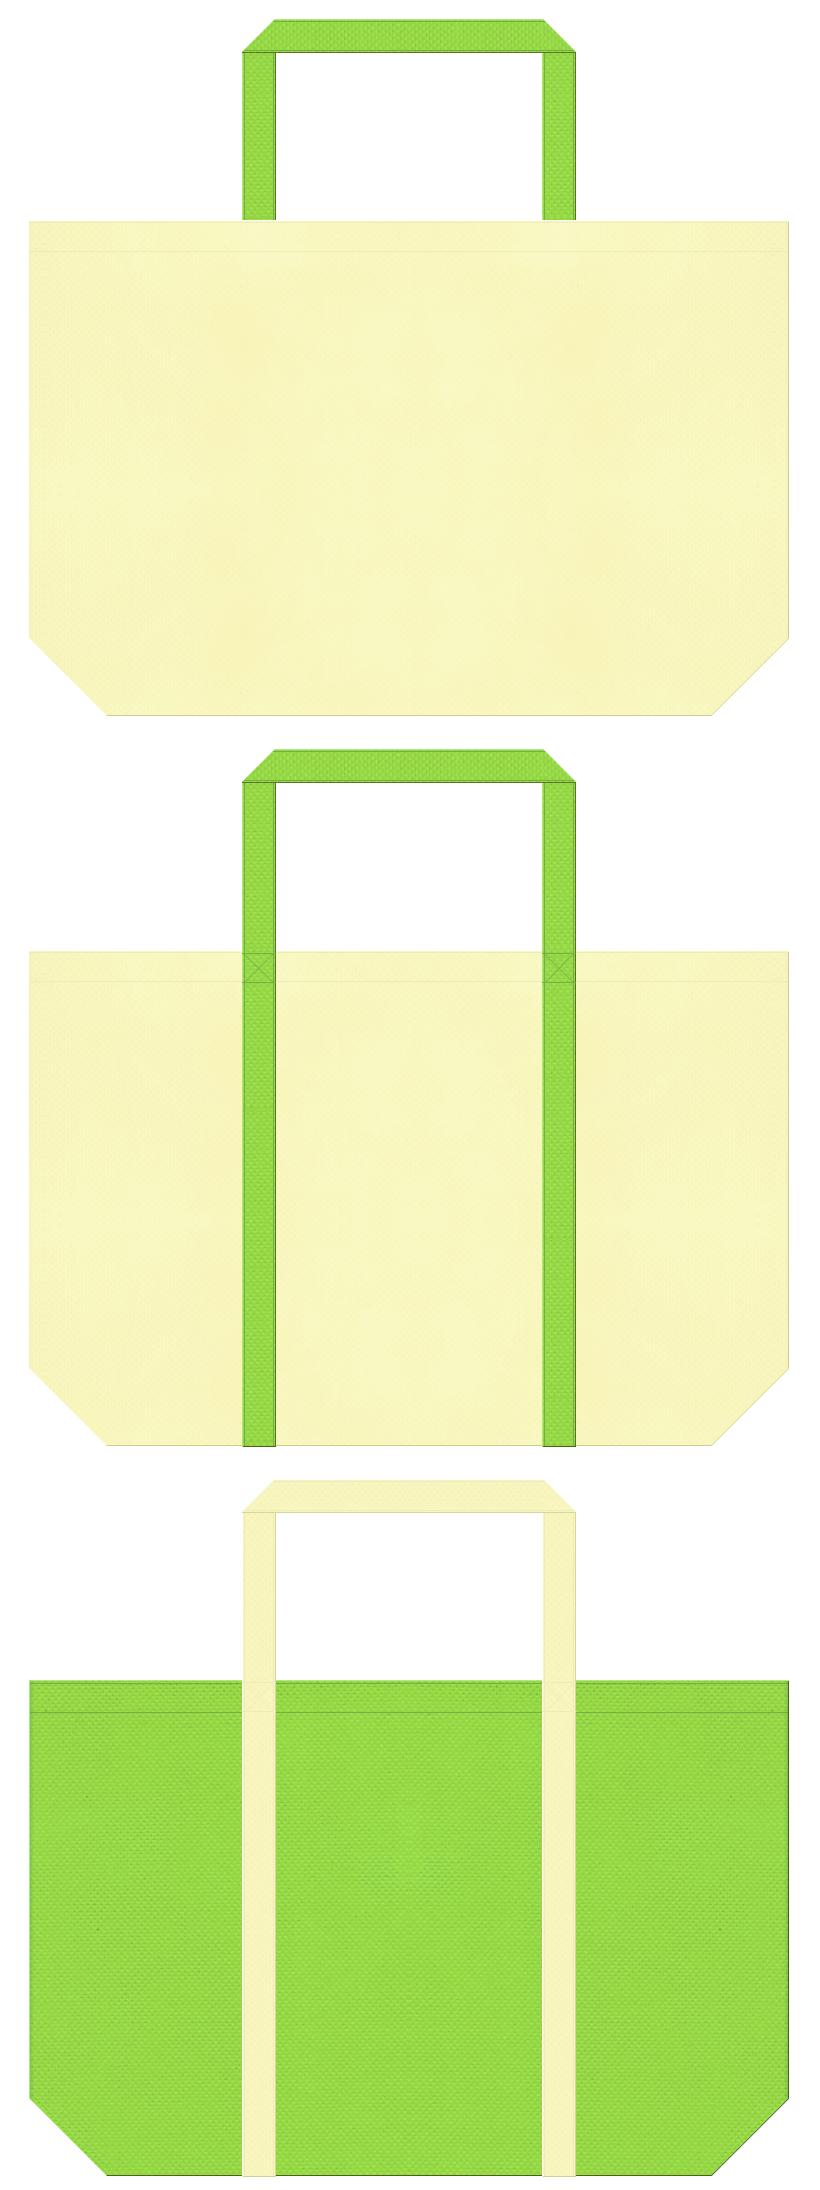 薄黄色と黄緑色の不織布マイバッグデザイン。ベーカリーショップのショッピングバッグにお奨めです。メロンパン風。